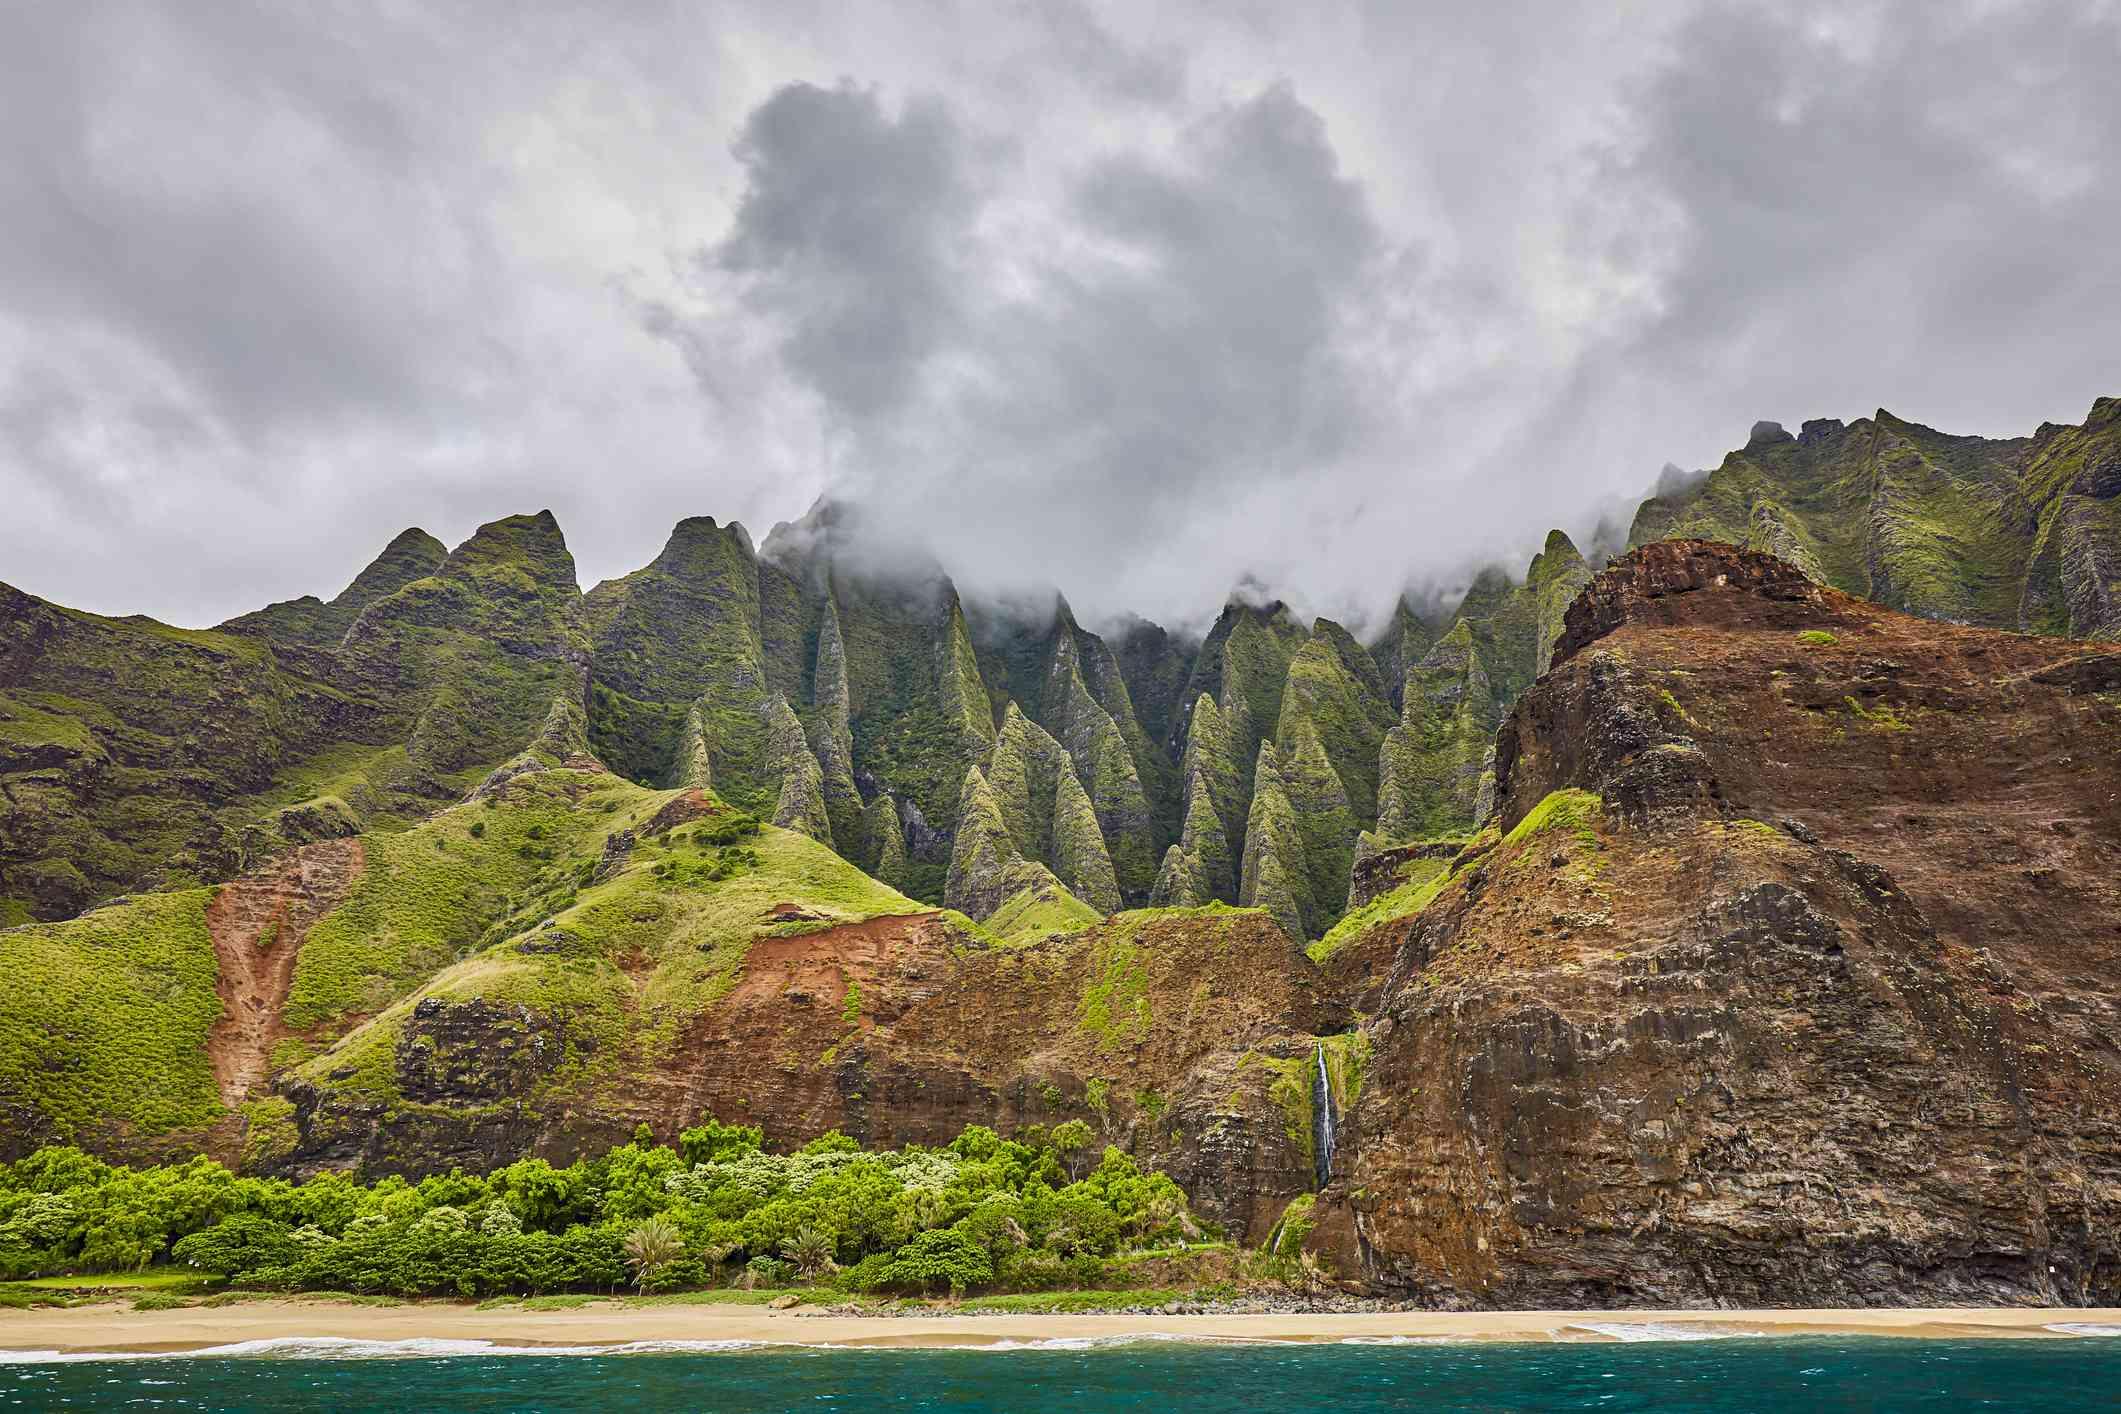 NaPali Coast State Wilderness Park,Kauai,Hawaii,USA